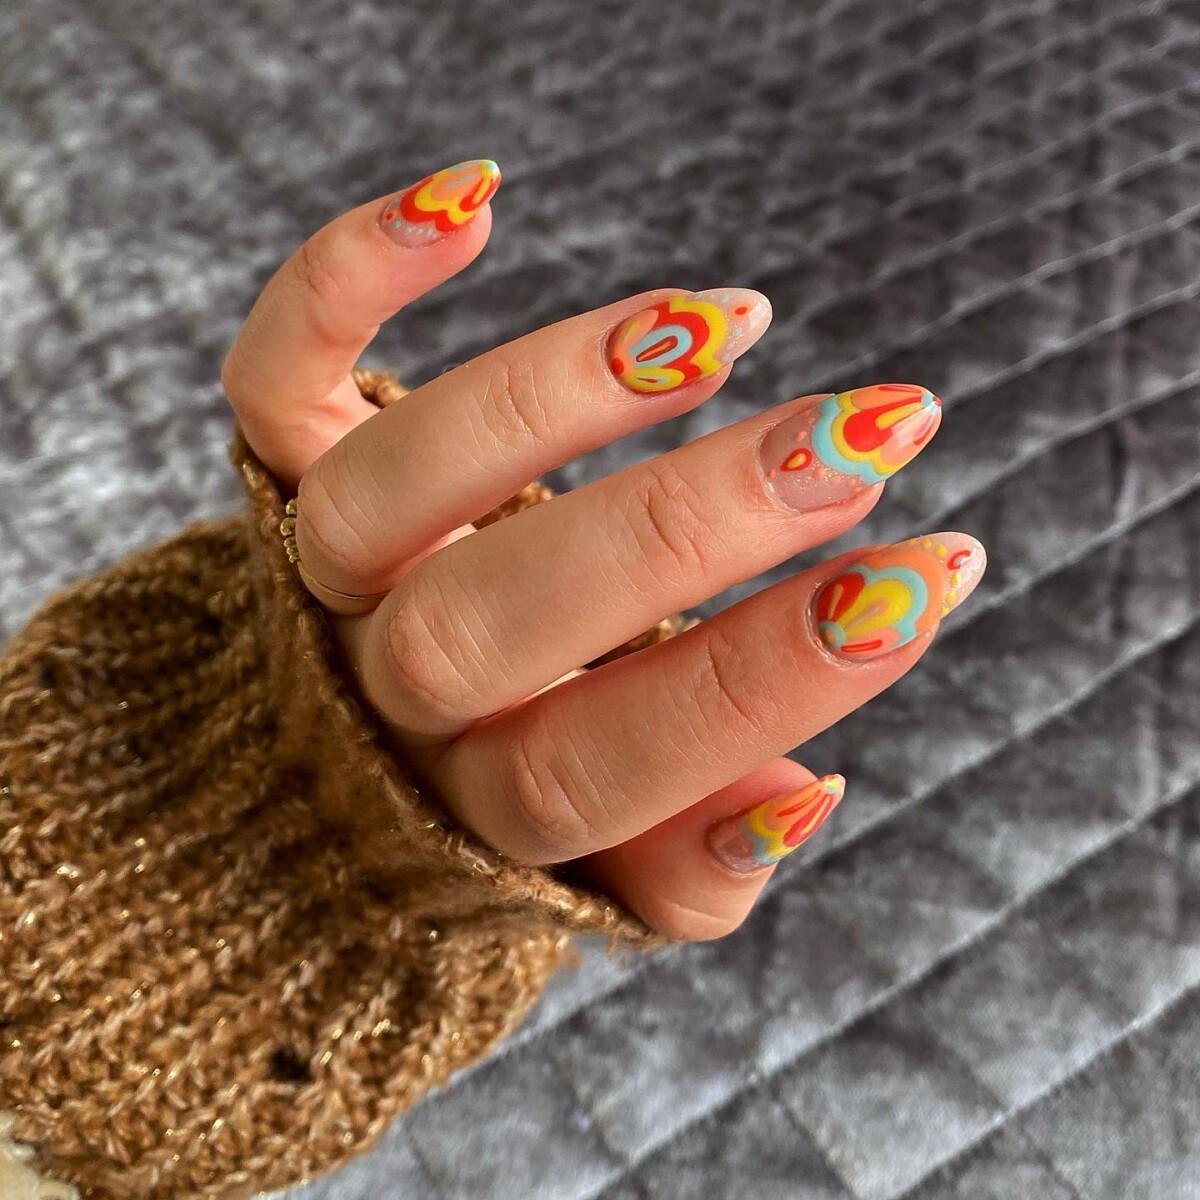 BIAB + nail art premium (mexican tile inspo)